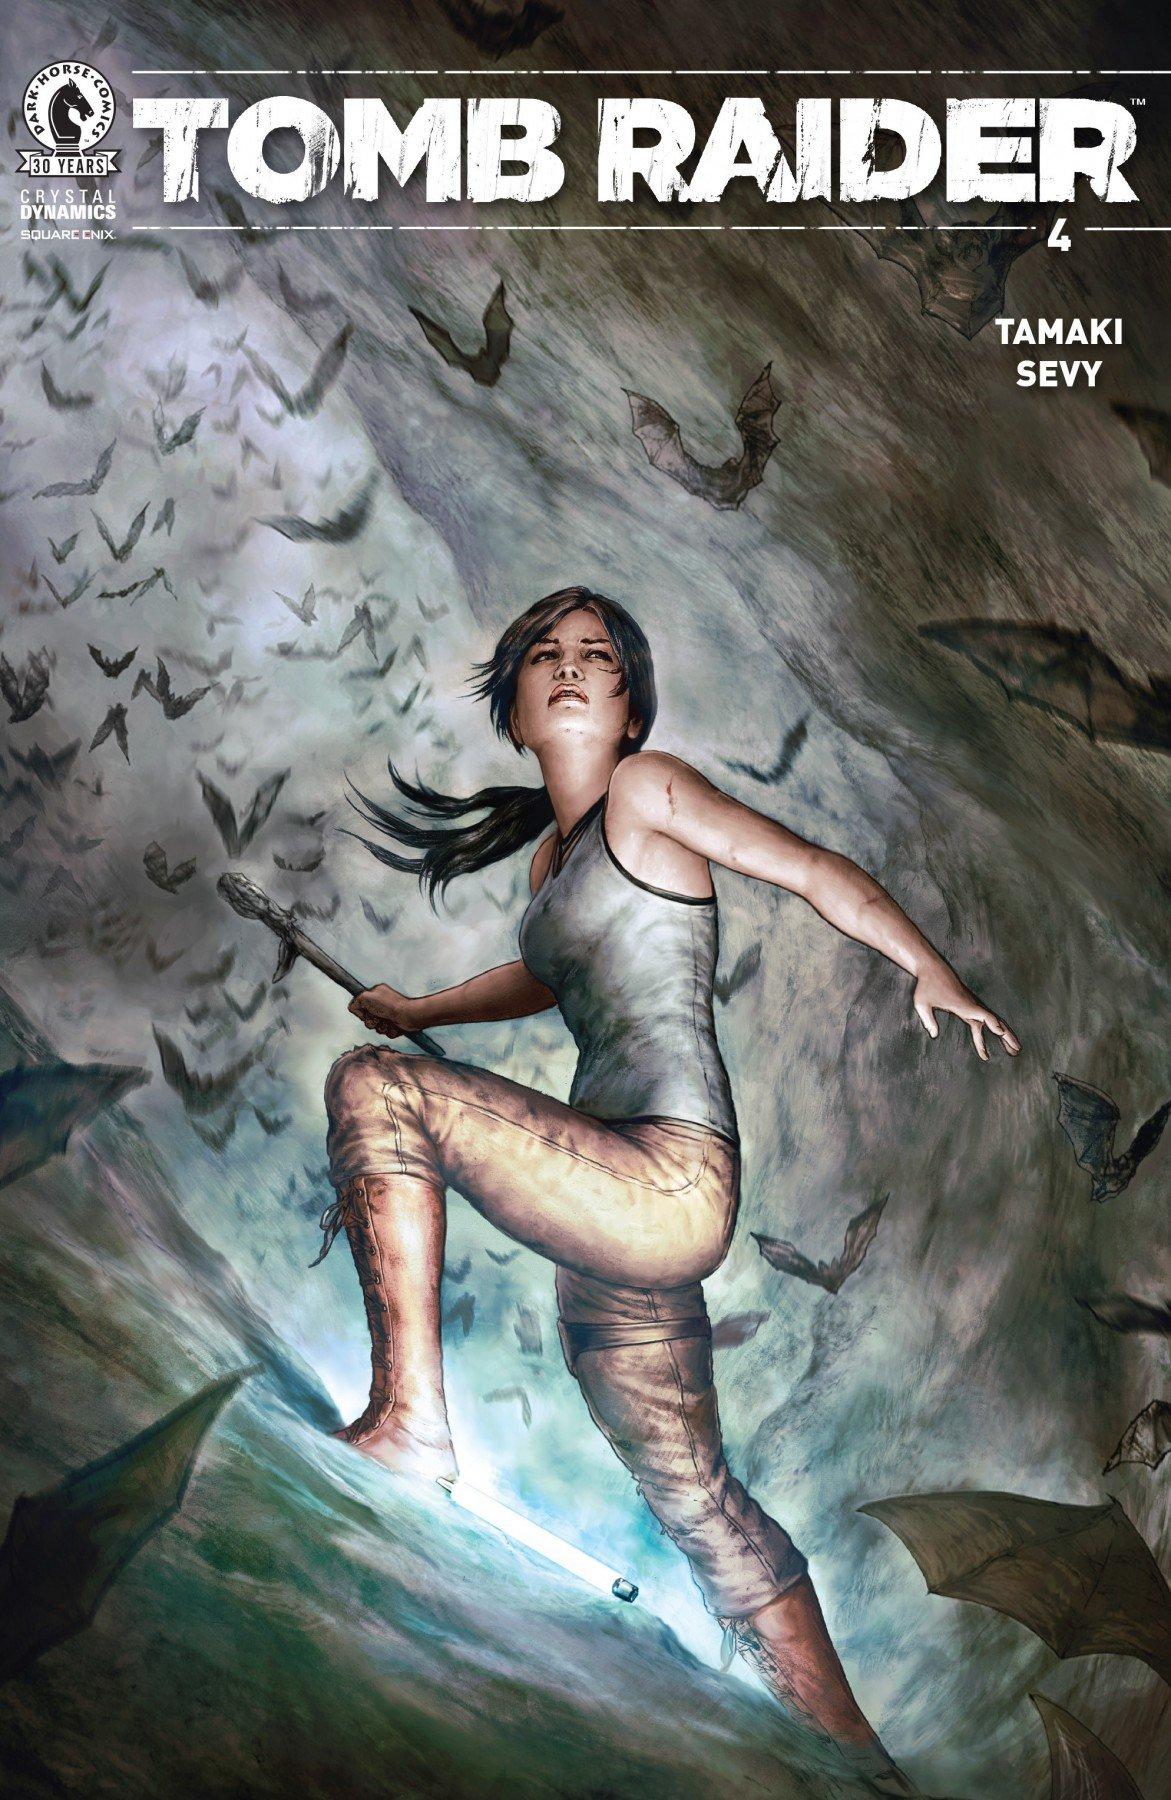 Tomb Raider v2 004 (May 2016)